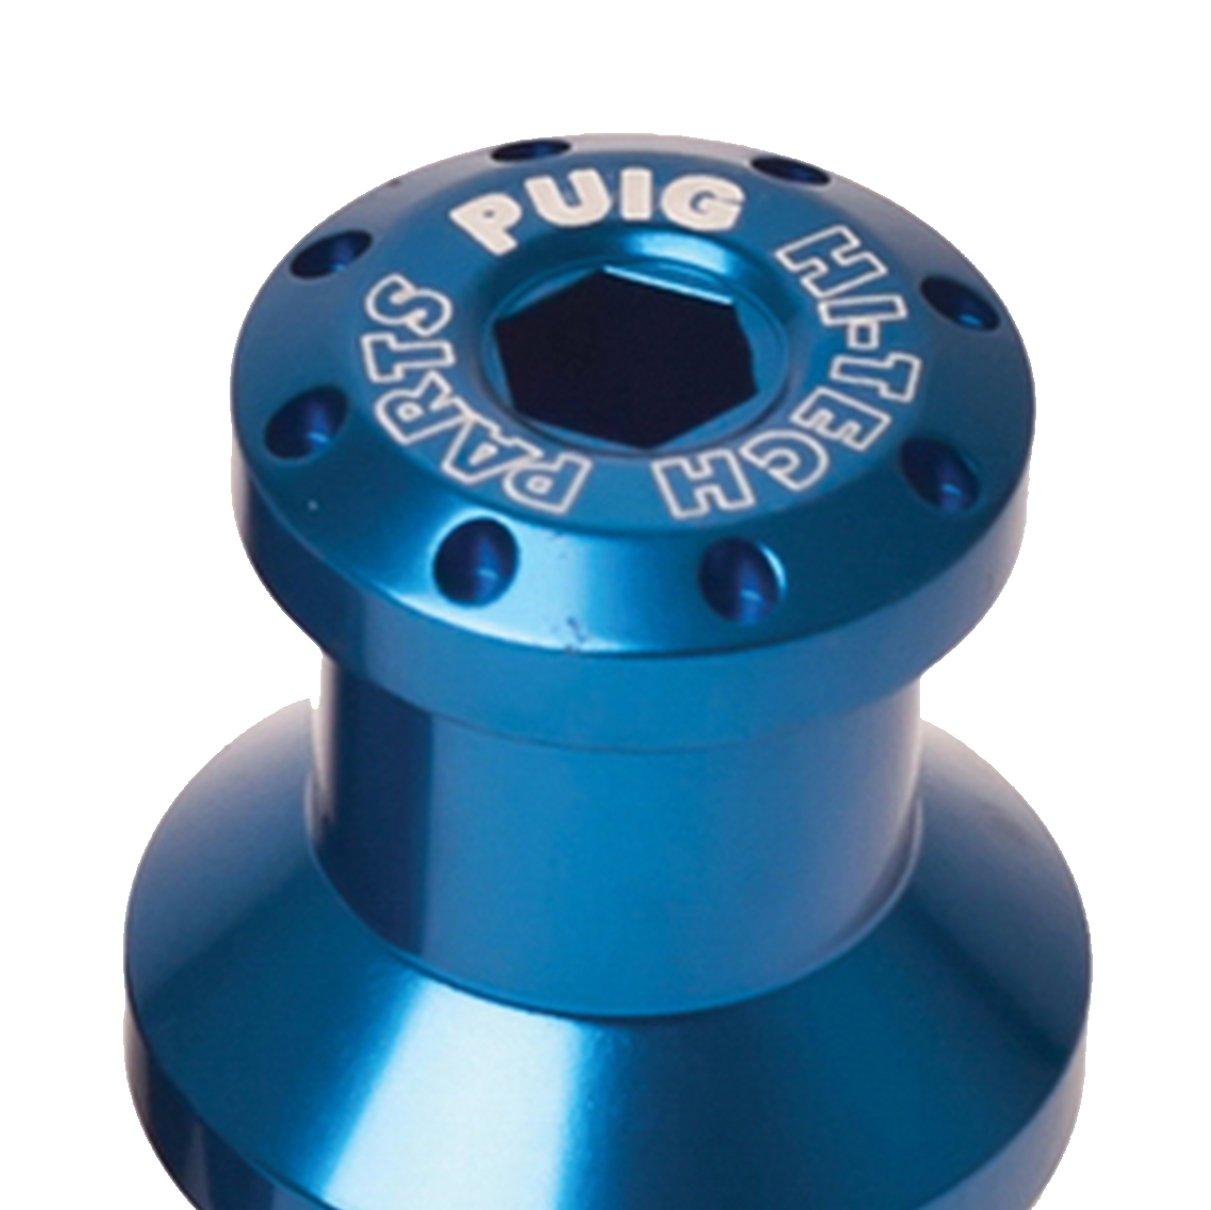 Puig 6875A Juego Di/ábolos Hi-Tech Dimension 8 Color Azul